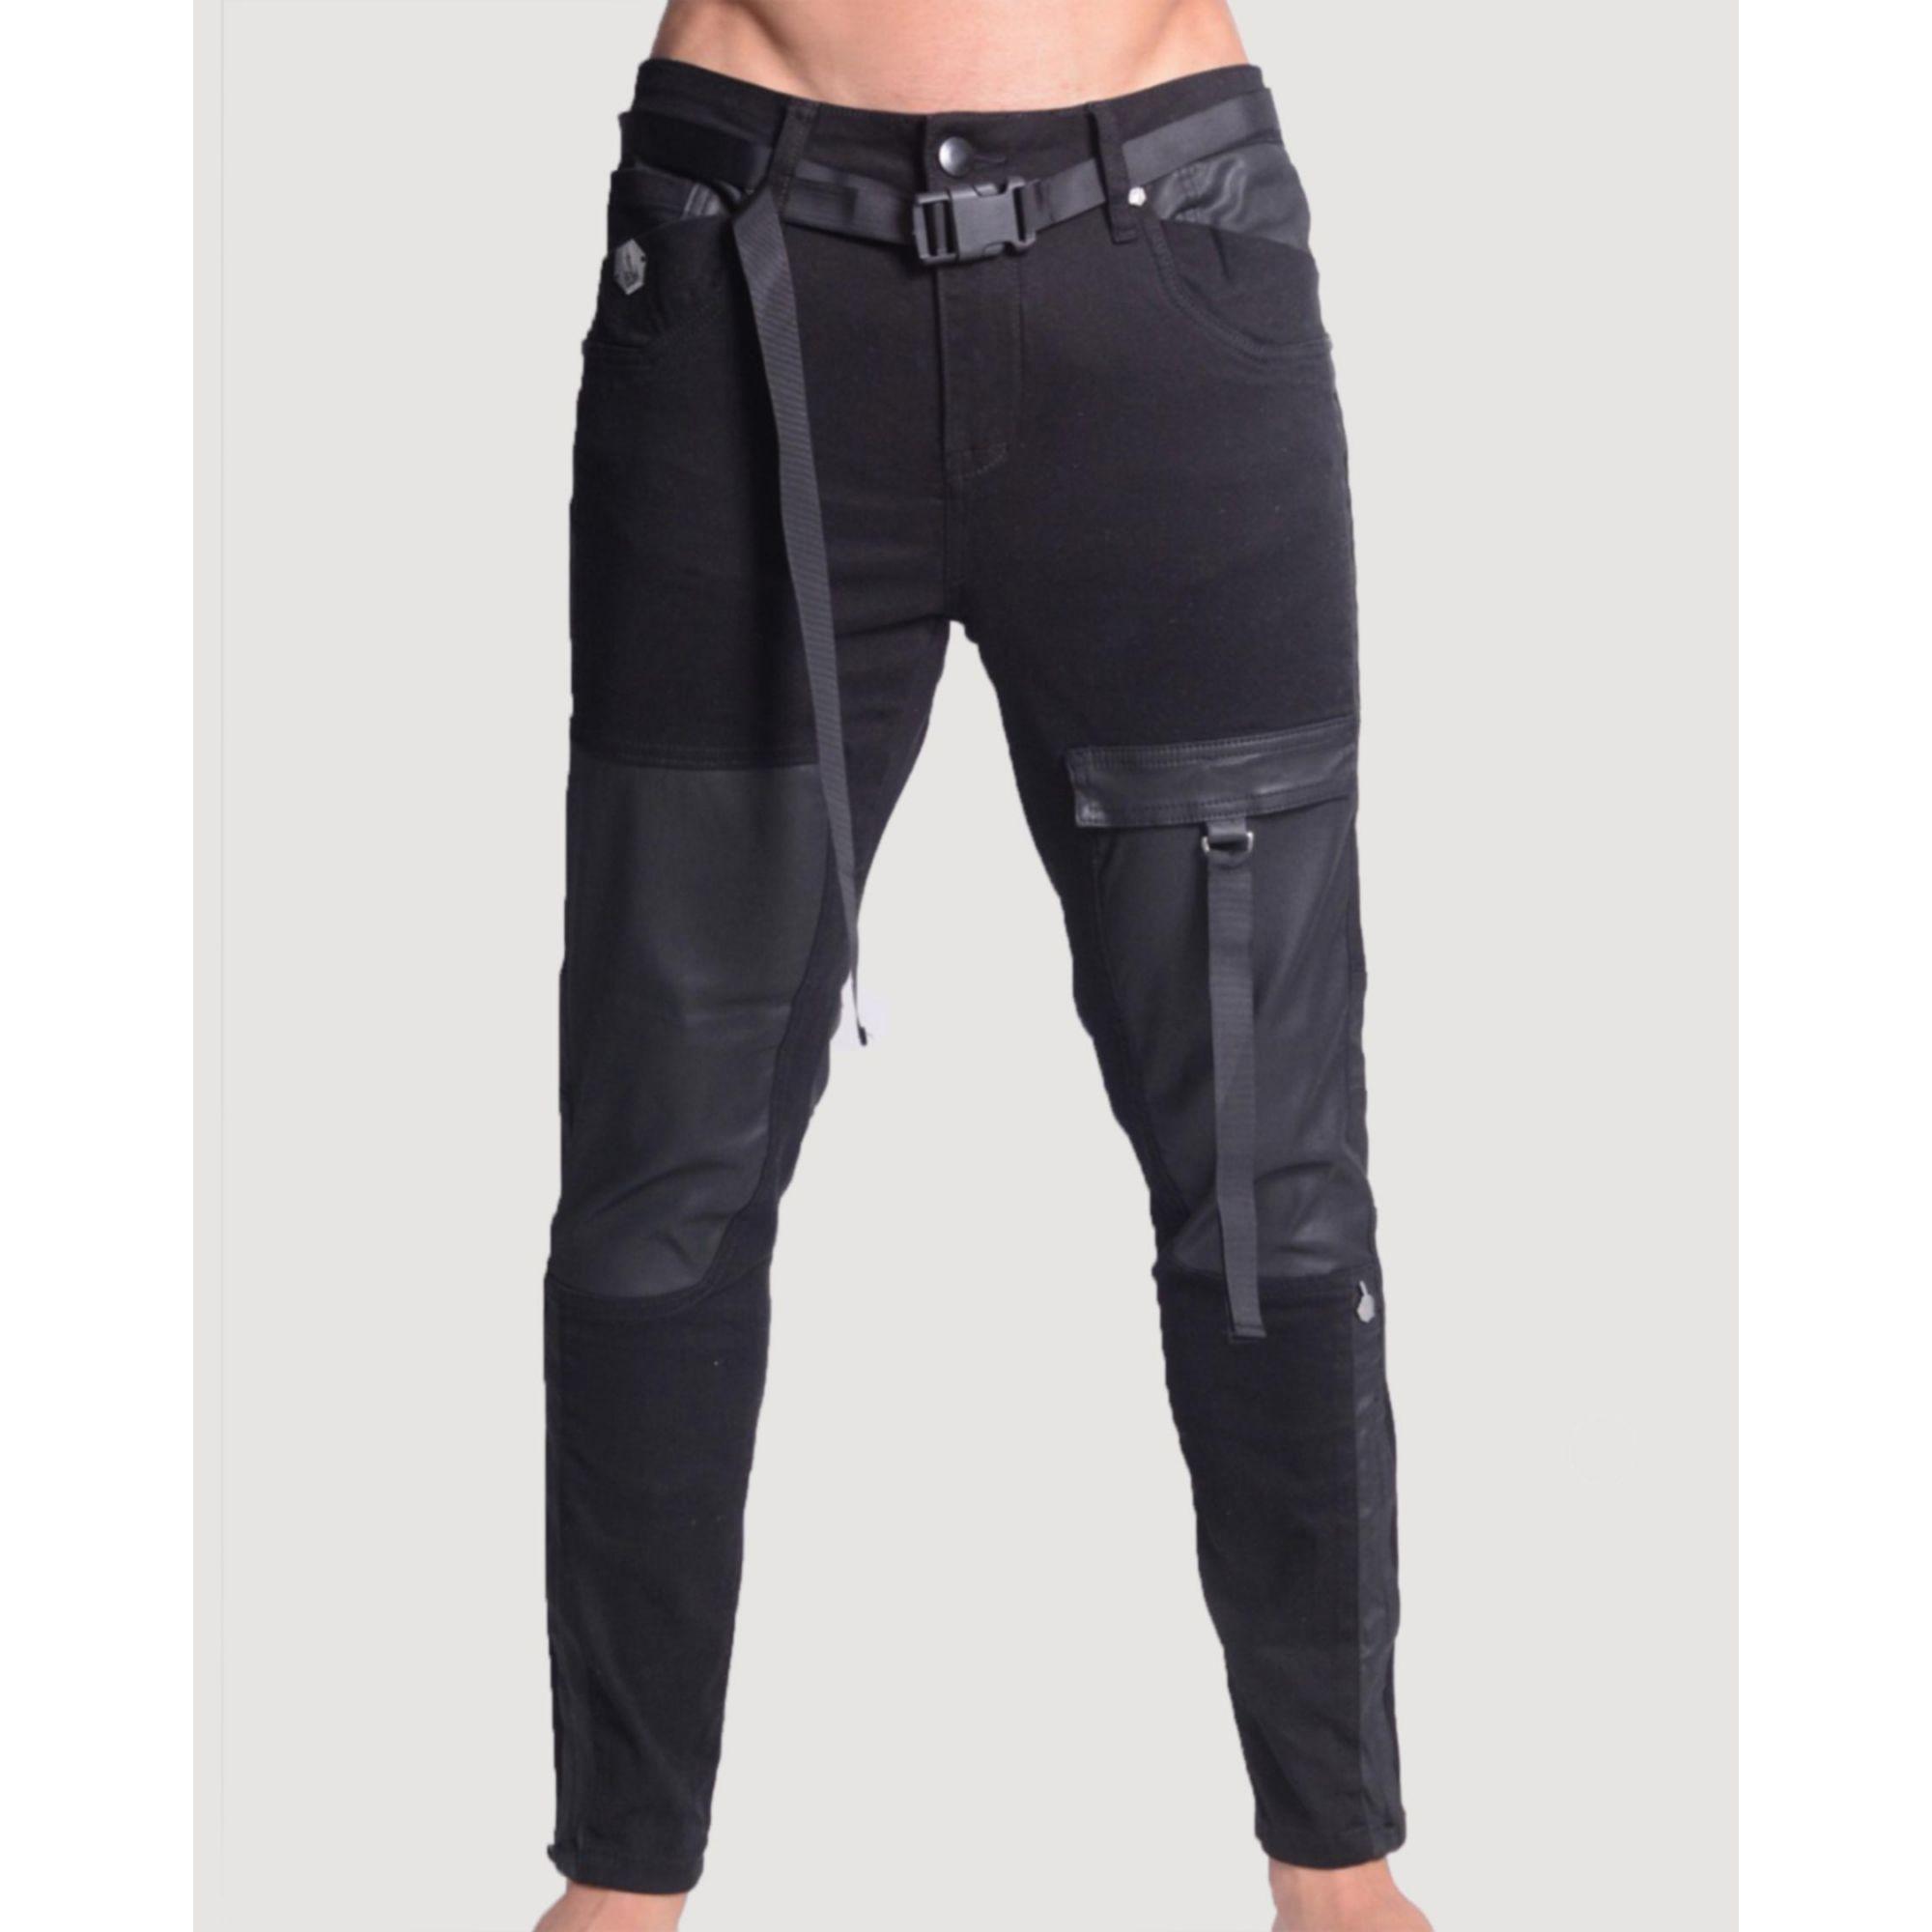 Calça Buh Jeans Bolsos Black